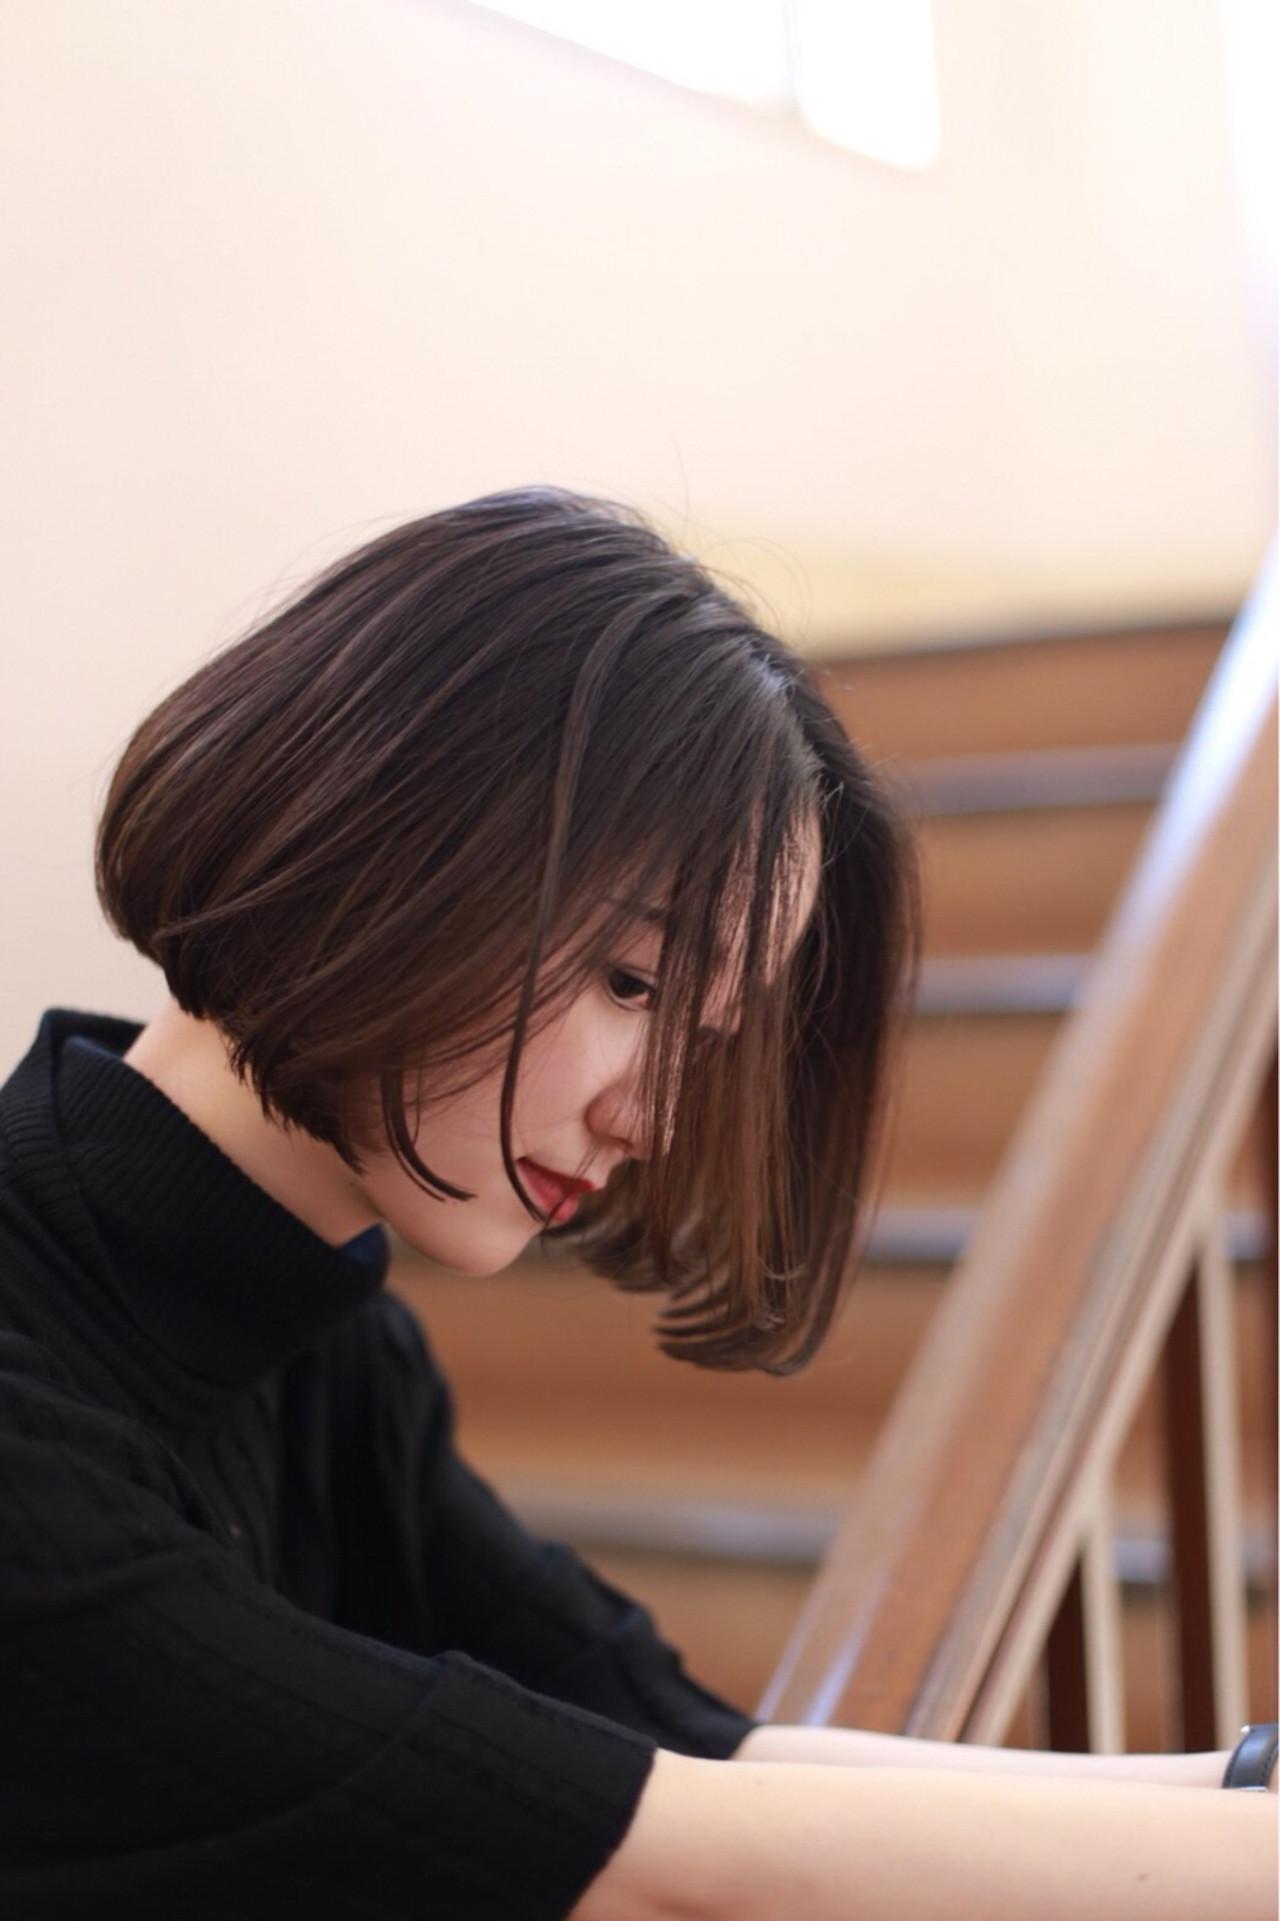 ボブ 大人女子 センター分け 切りっぱなし ヘアスタイルや髪型の写真・画像